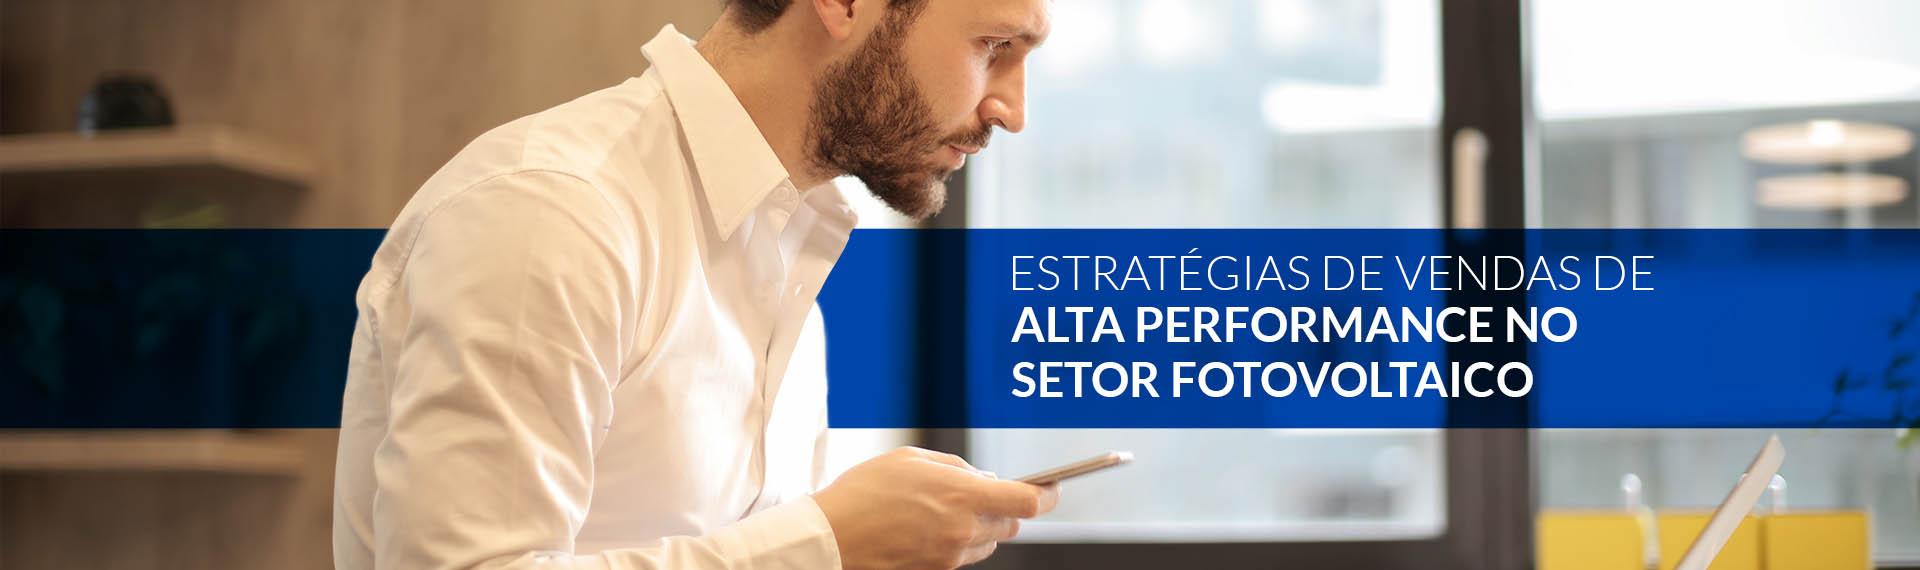 curso_estrateiga_de_vendas